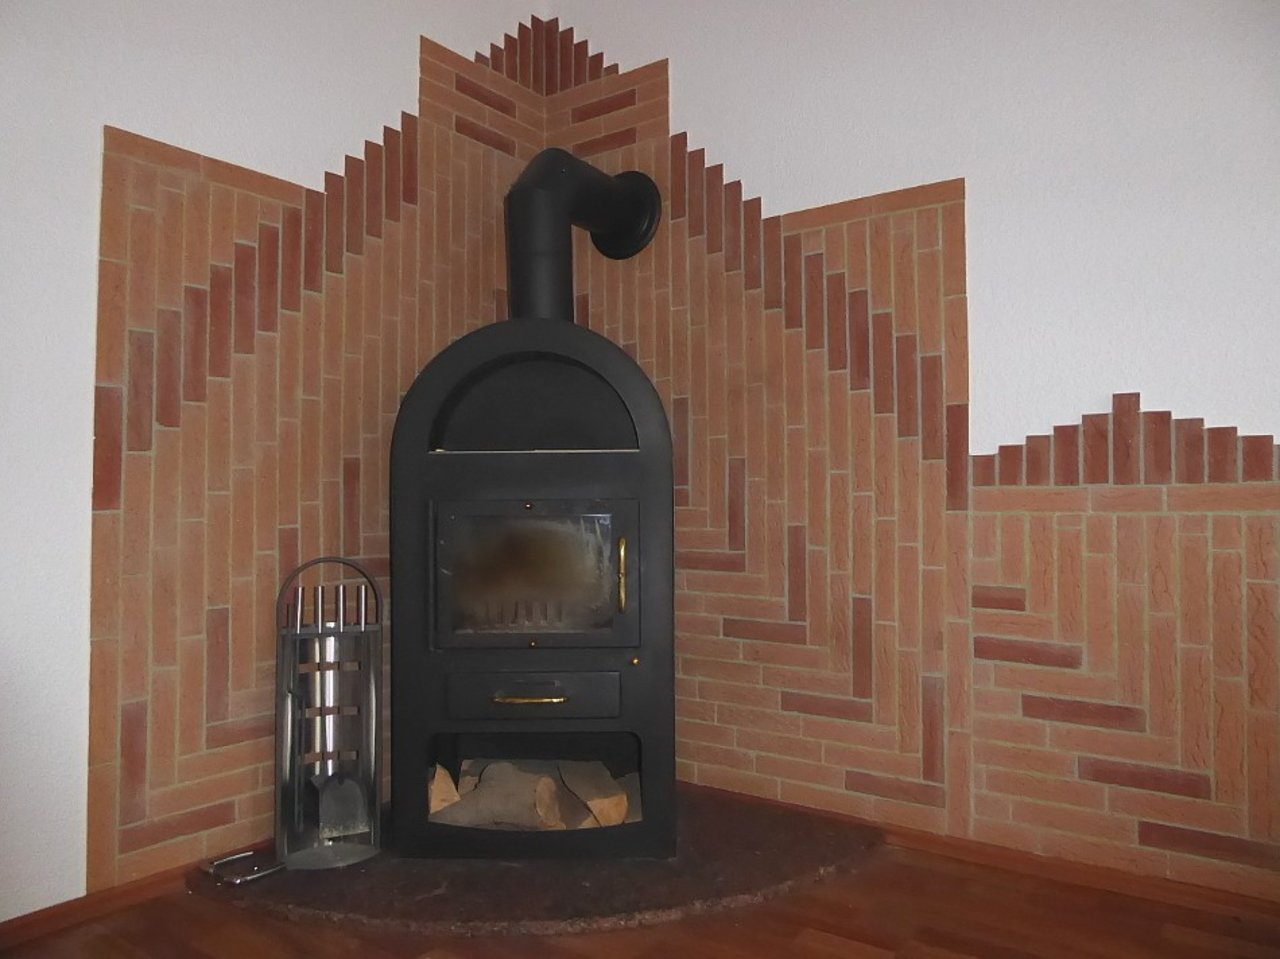 Großzügige 3-Zimmerwohnung mit Kamin und Einbauküche-Kaminofen im Wohnzimmer